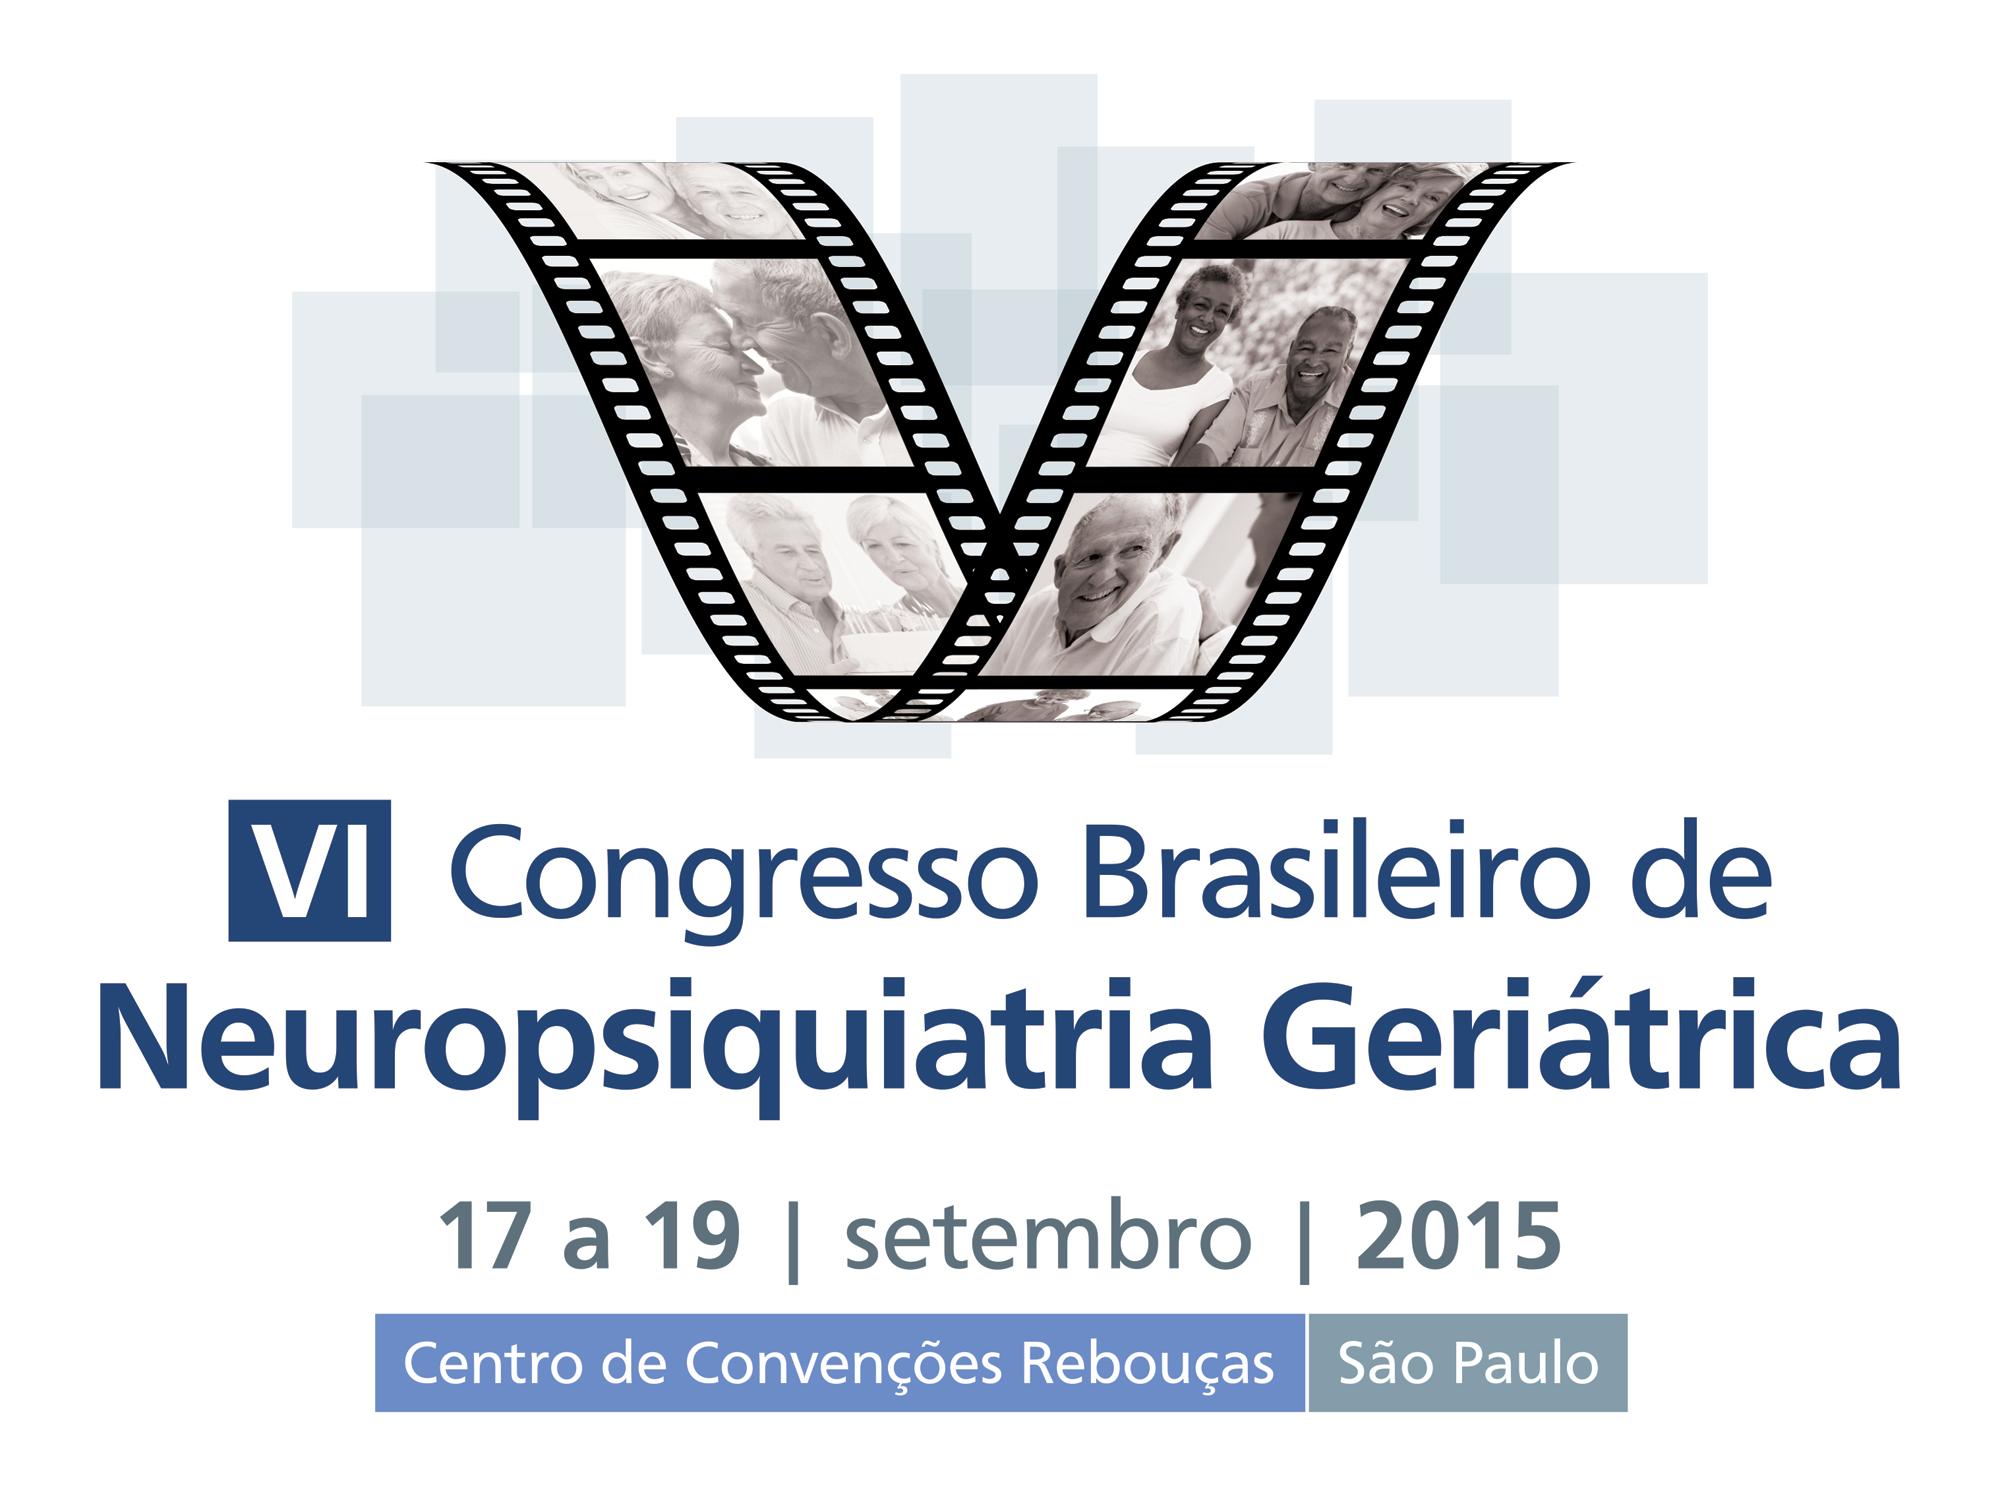 V Congresso Brasileiro de Neuropsiquiatria Geriatrica na agenda do site da SBGG